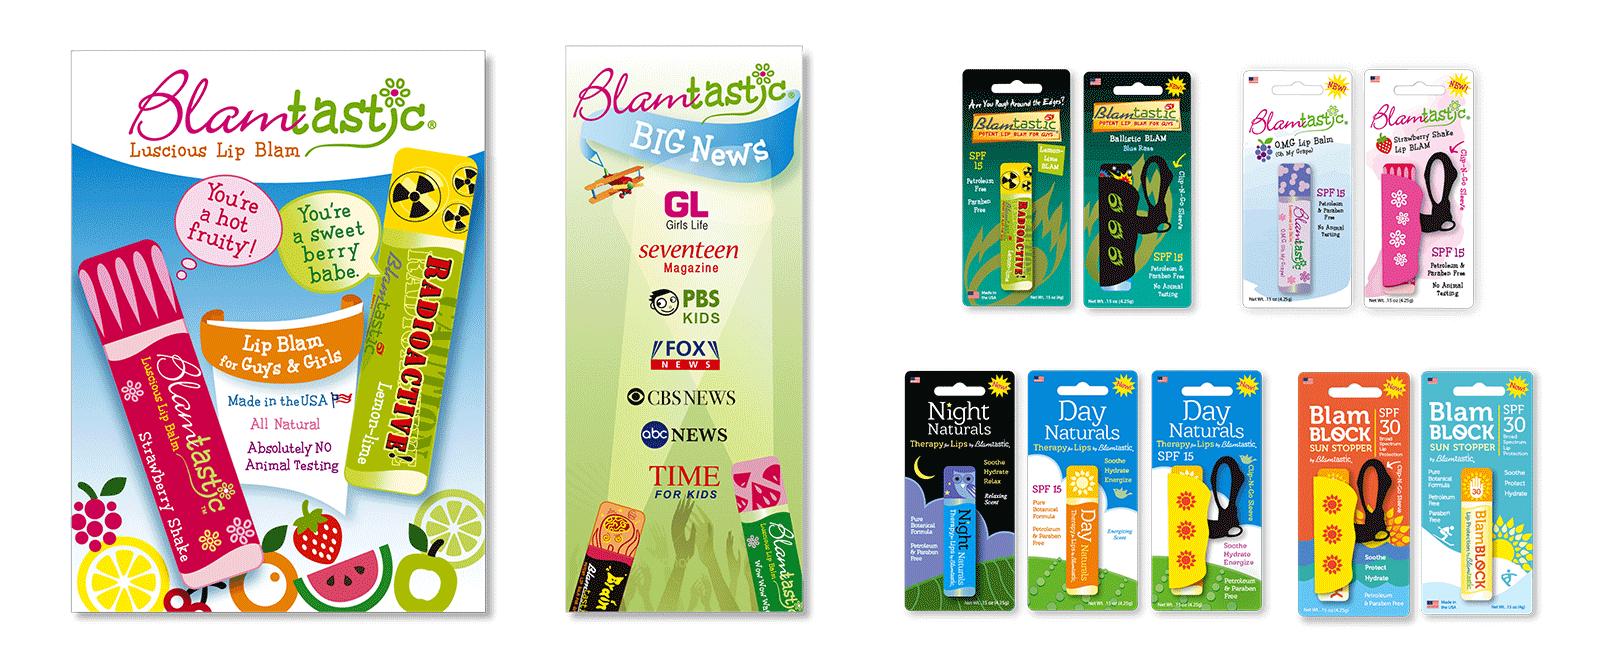 Brand design for Blamtastic Lip Balm